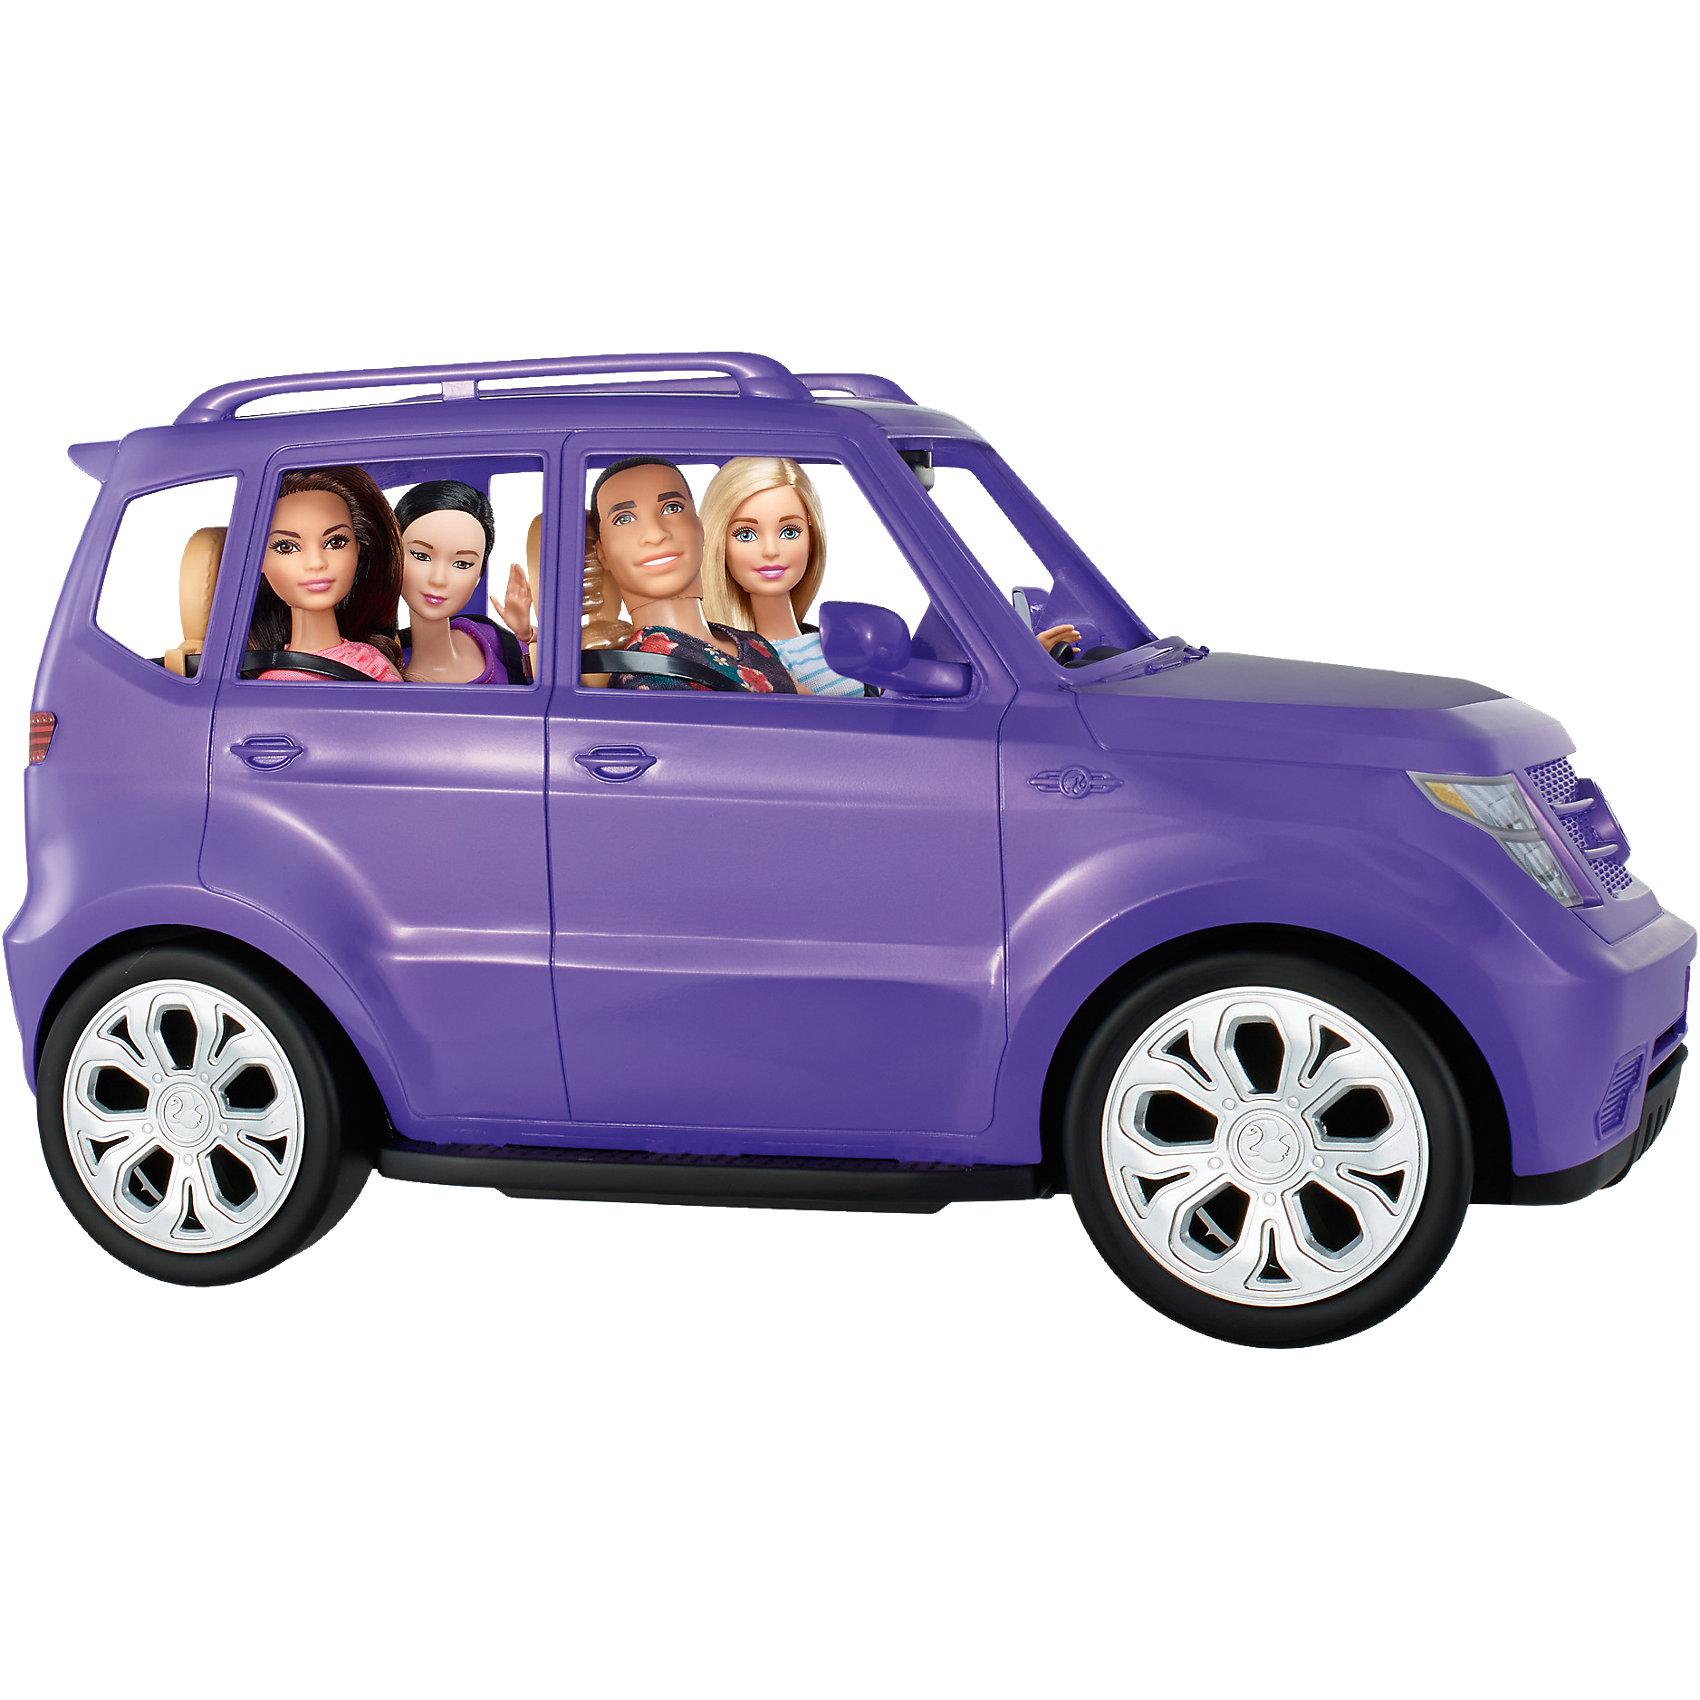 Внедорожник BarbieПопулярные игрушки<br><br><br>Ширина мм: 481<br>Глубина мм: 272<br>Высота мм: 228<br>Вес г: 1593<br>Возраст от месяцев: 36<br>Возраст до месяцев: 72<br>Пол: Женский<br>Возраст: Детский<br>SKU: 5257121